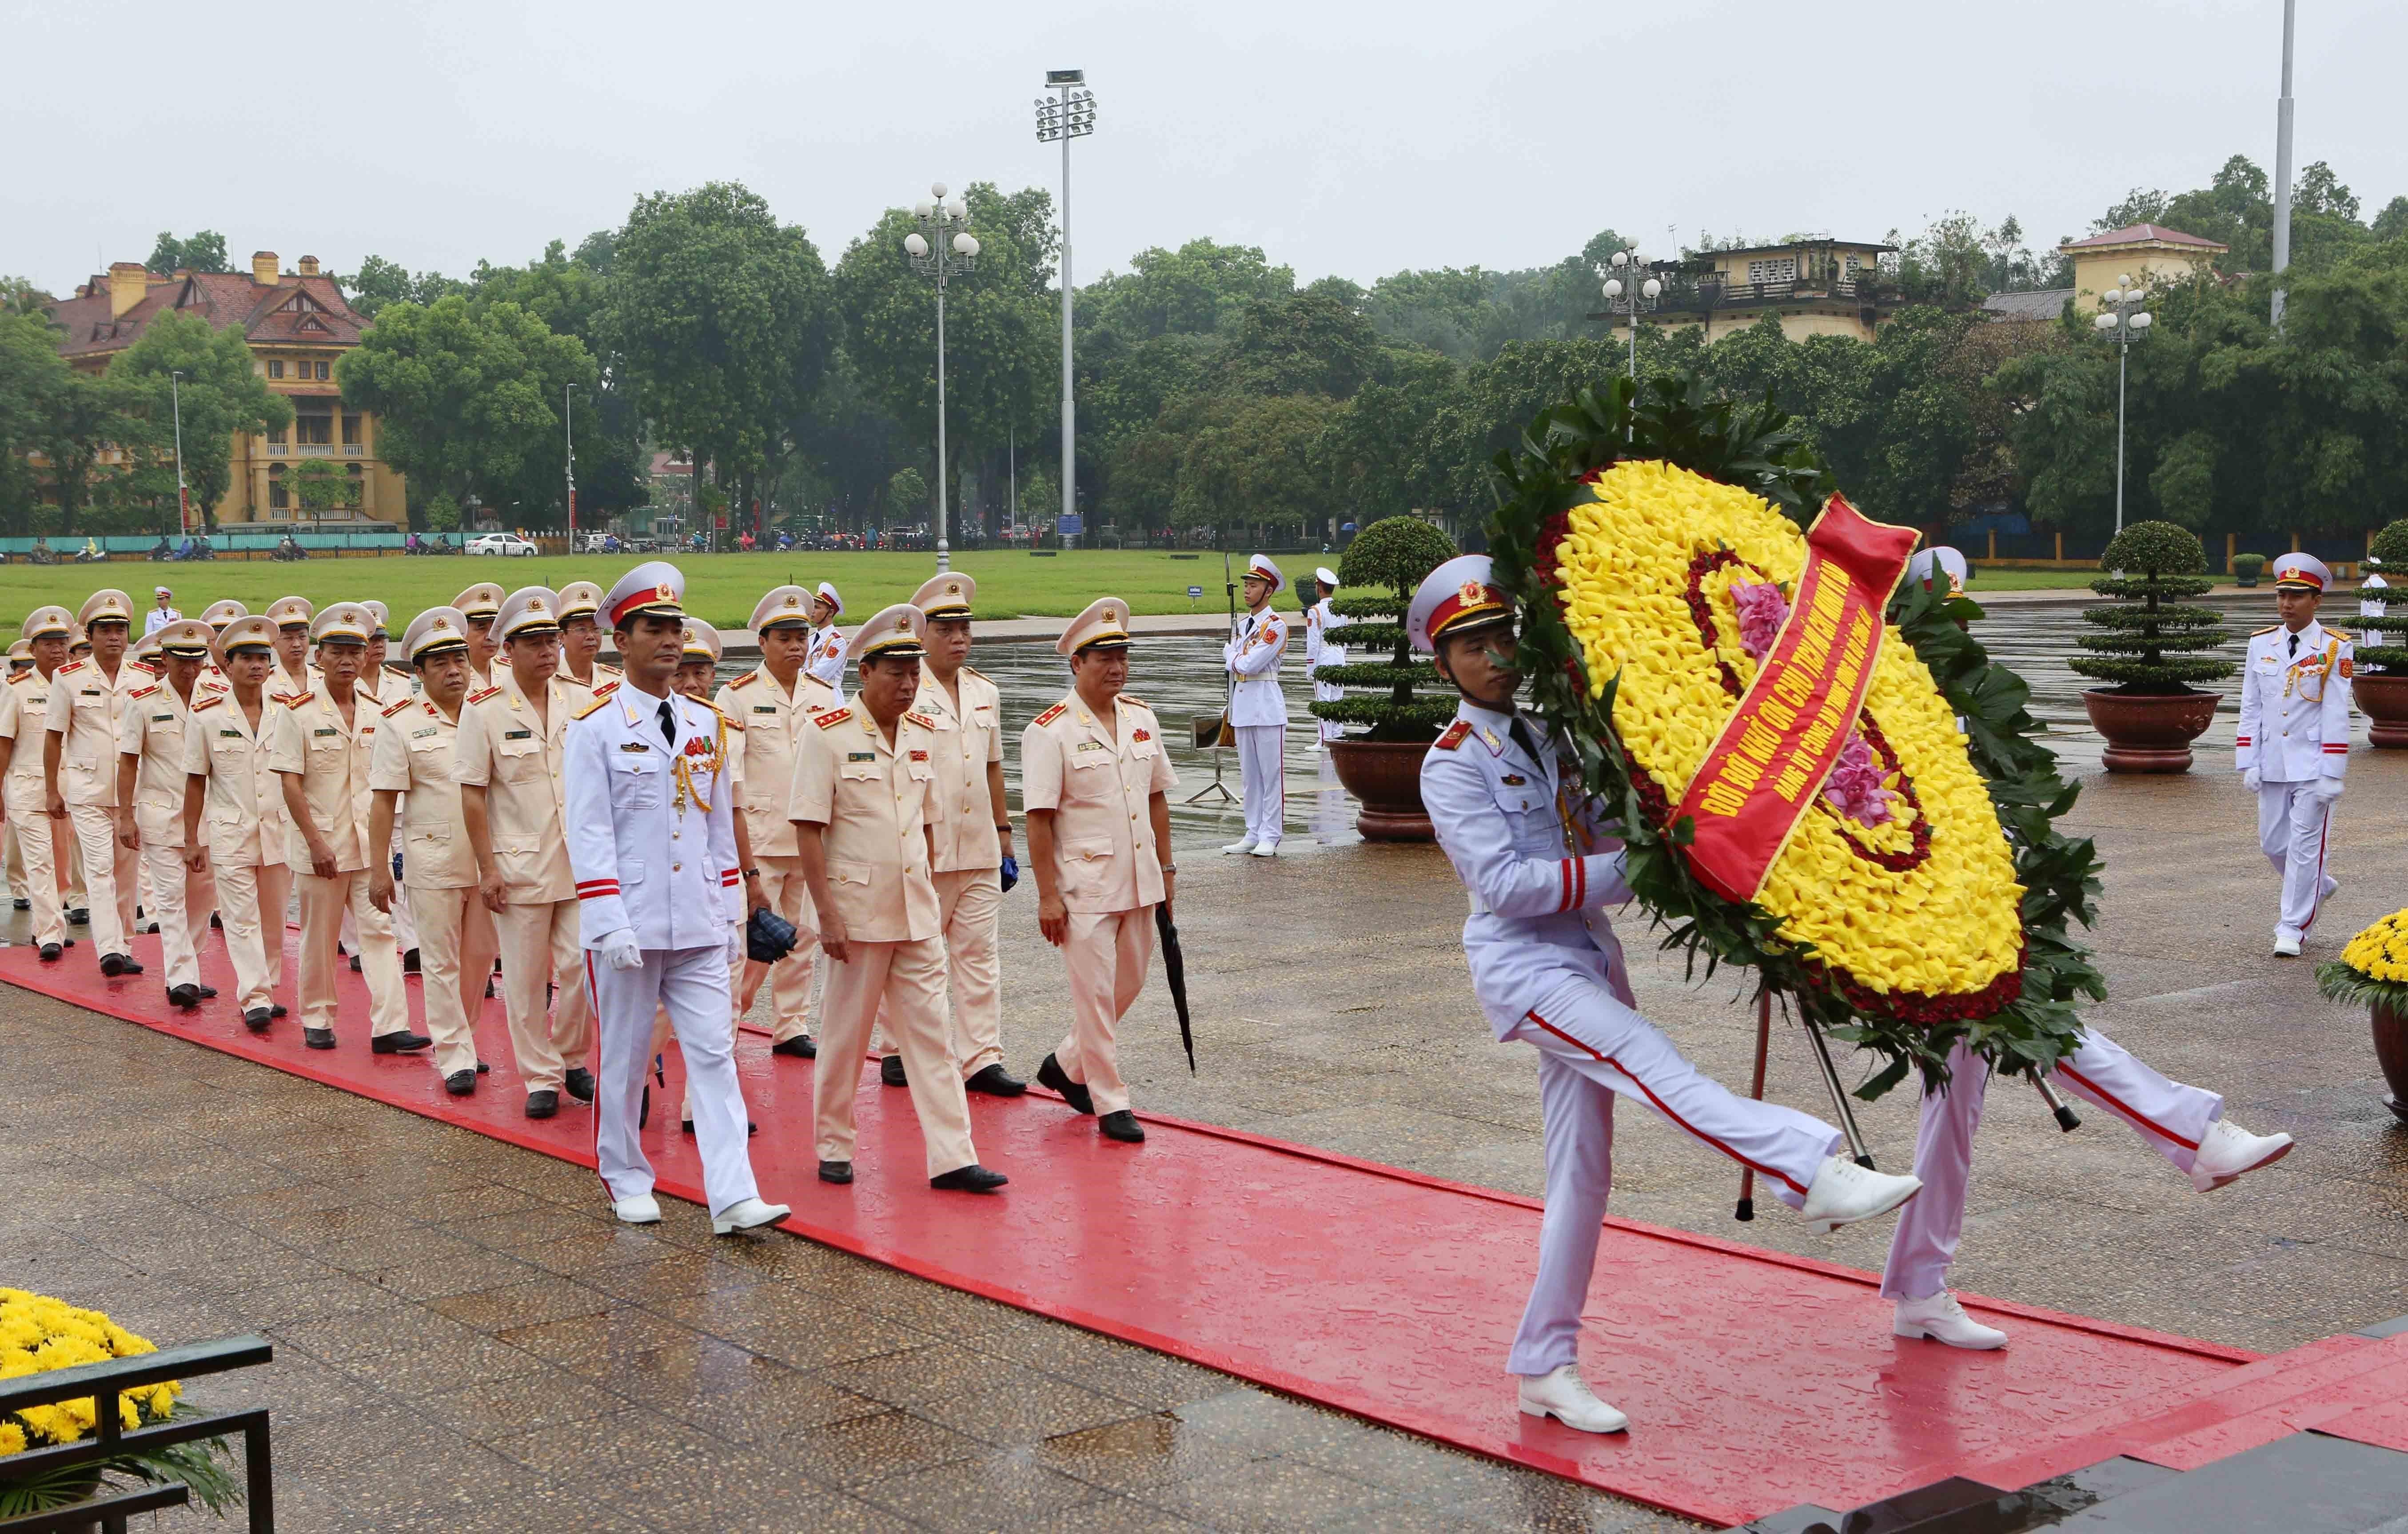 Lãnh đạo Đảng, Nhà nước đặt vòng hoa tưởng niệm các Anh hùng Liệt sĩ và vào Lăng viếng Chủ tịch Hồ Chí Minh